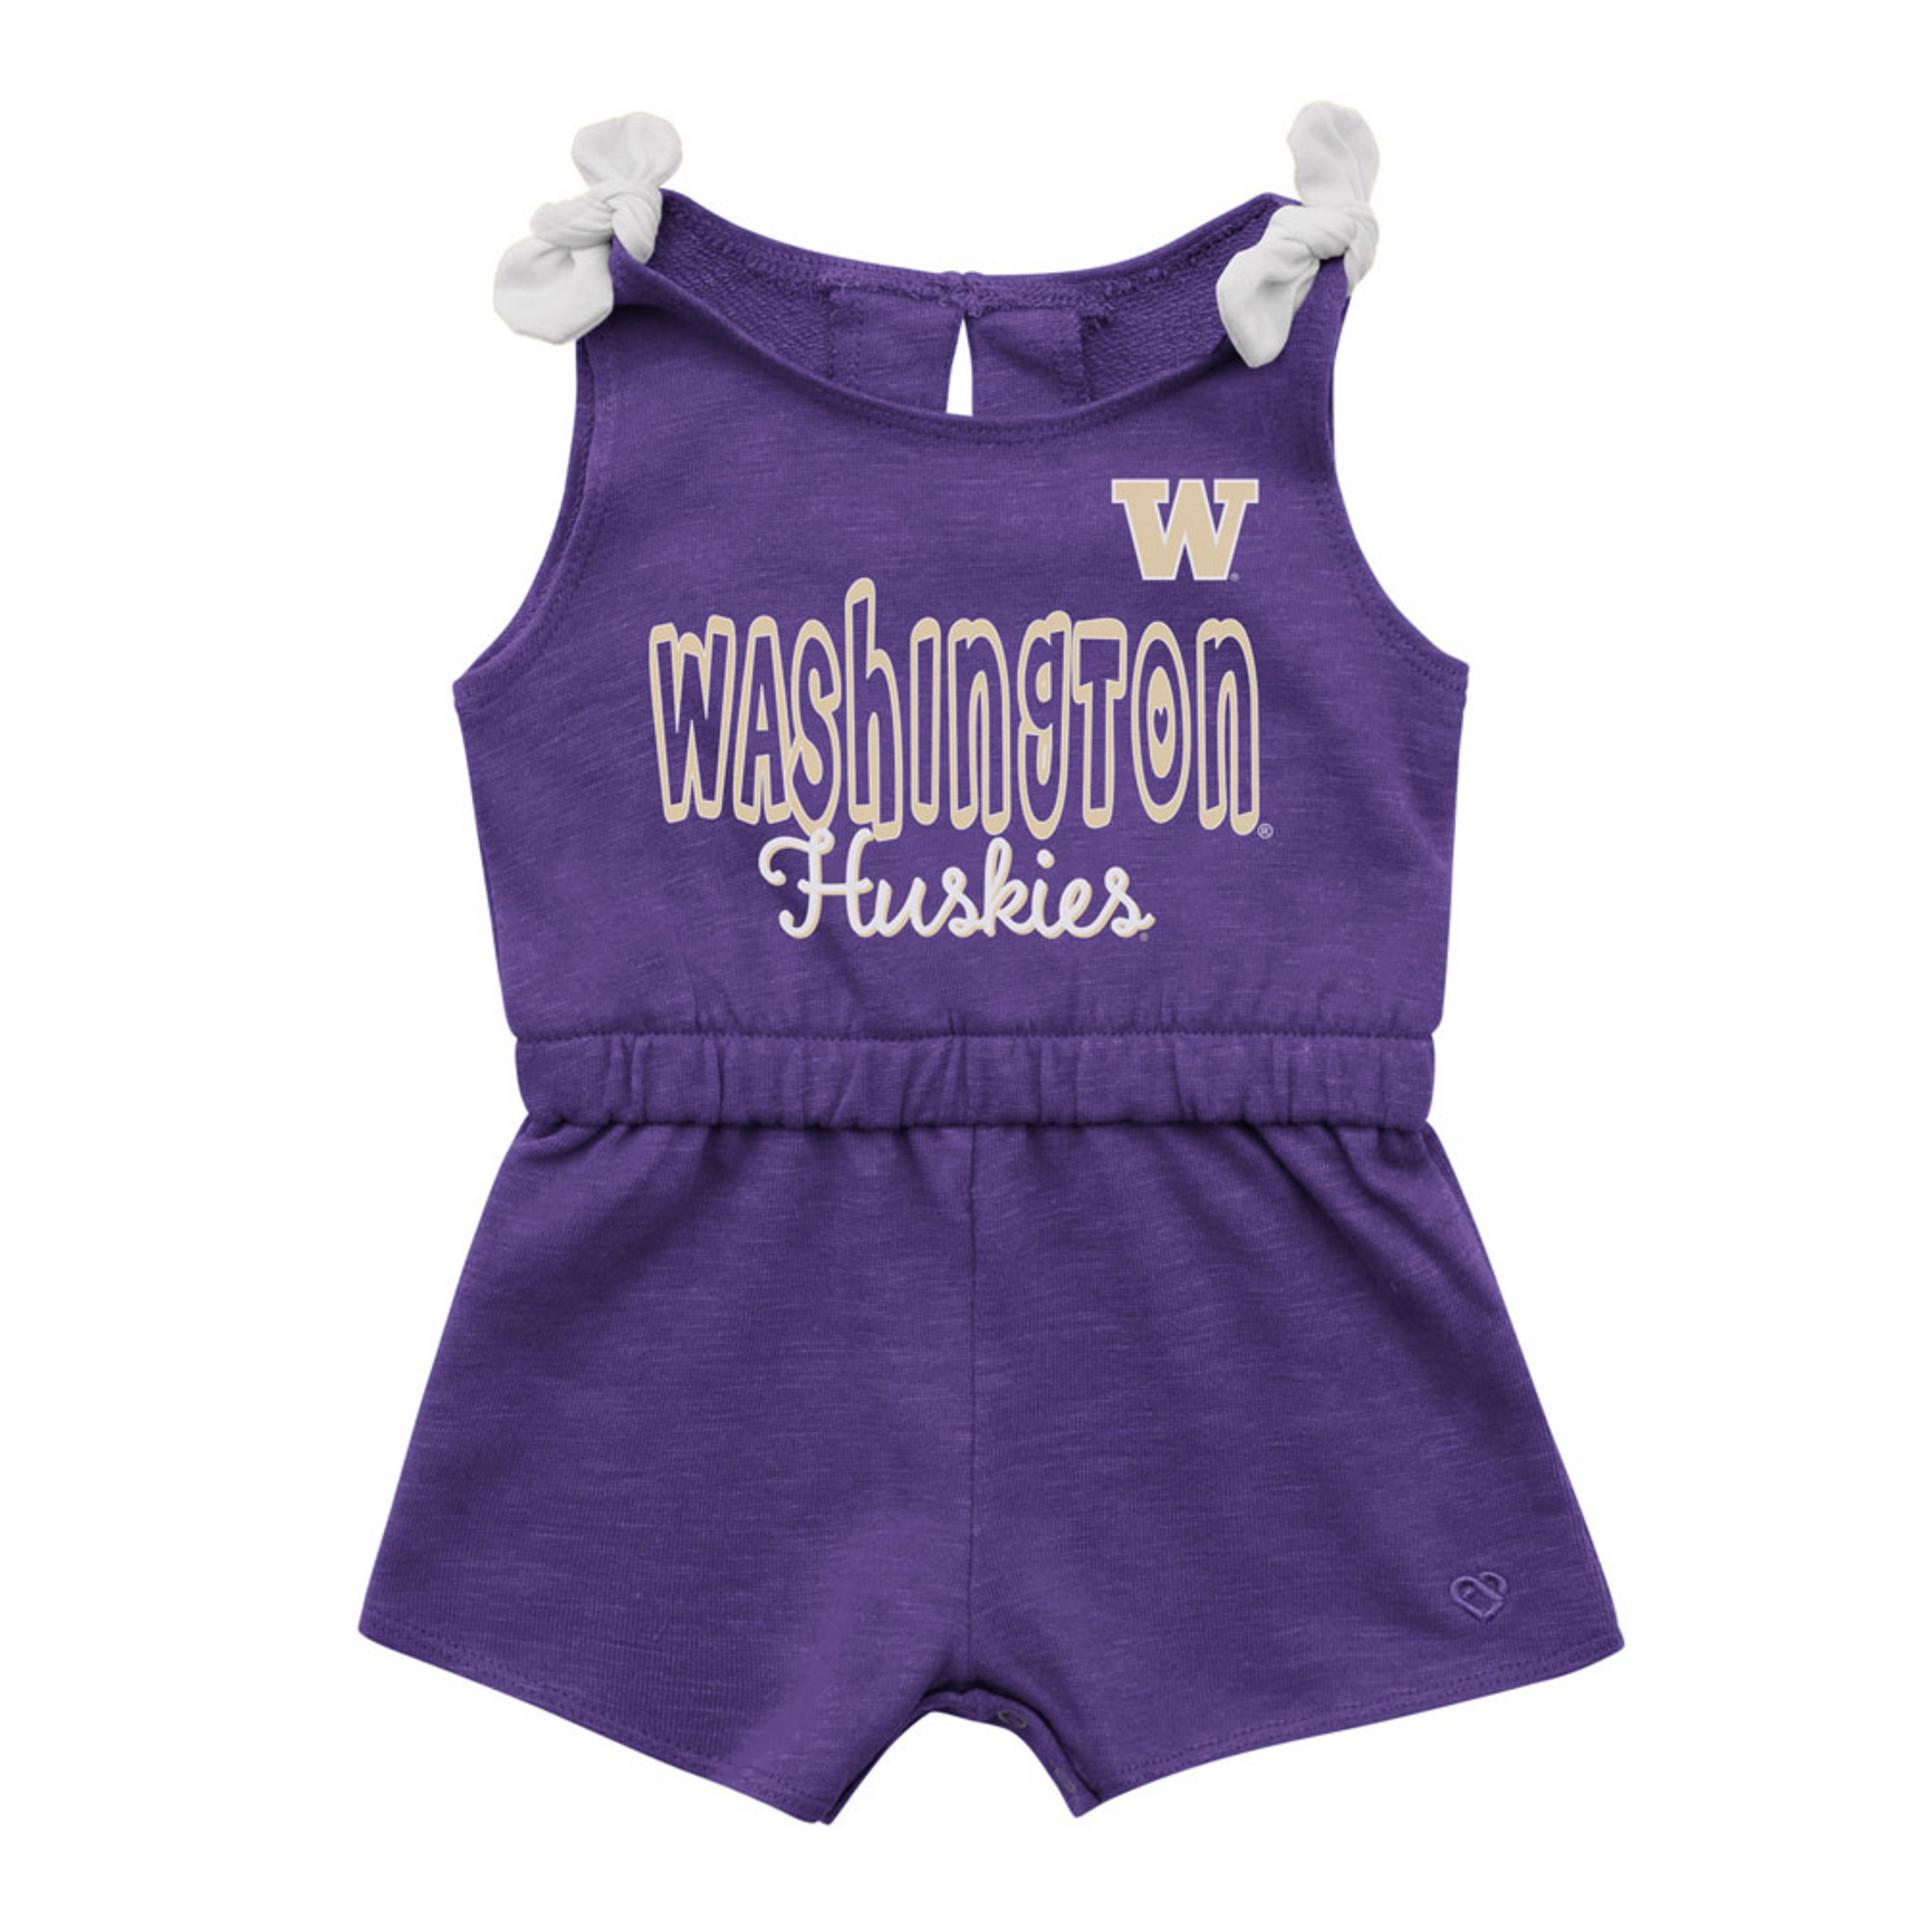 Colosseum Baby Girls' Washington Huskies Haparoo Romper